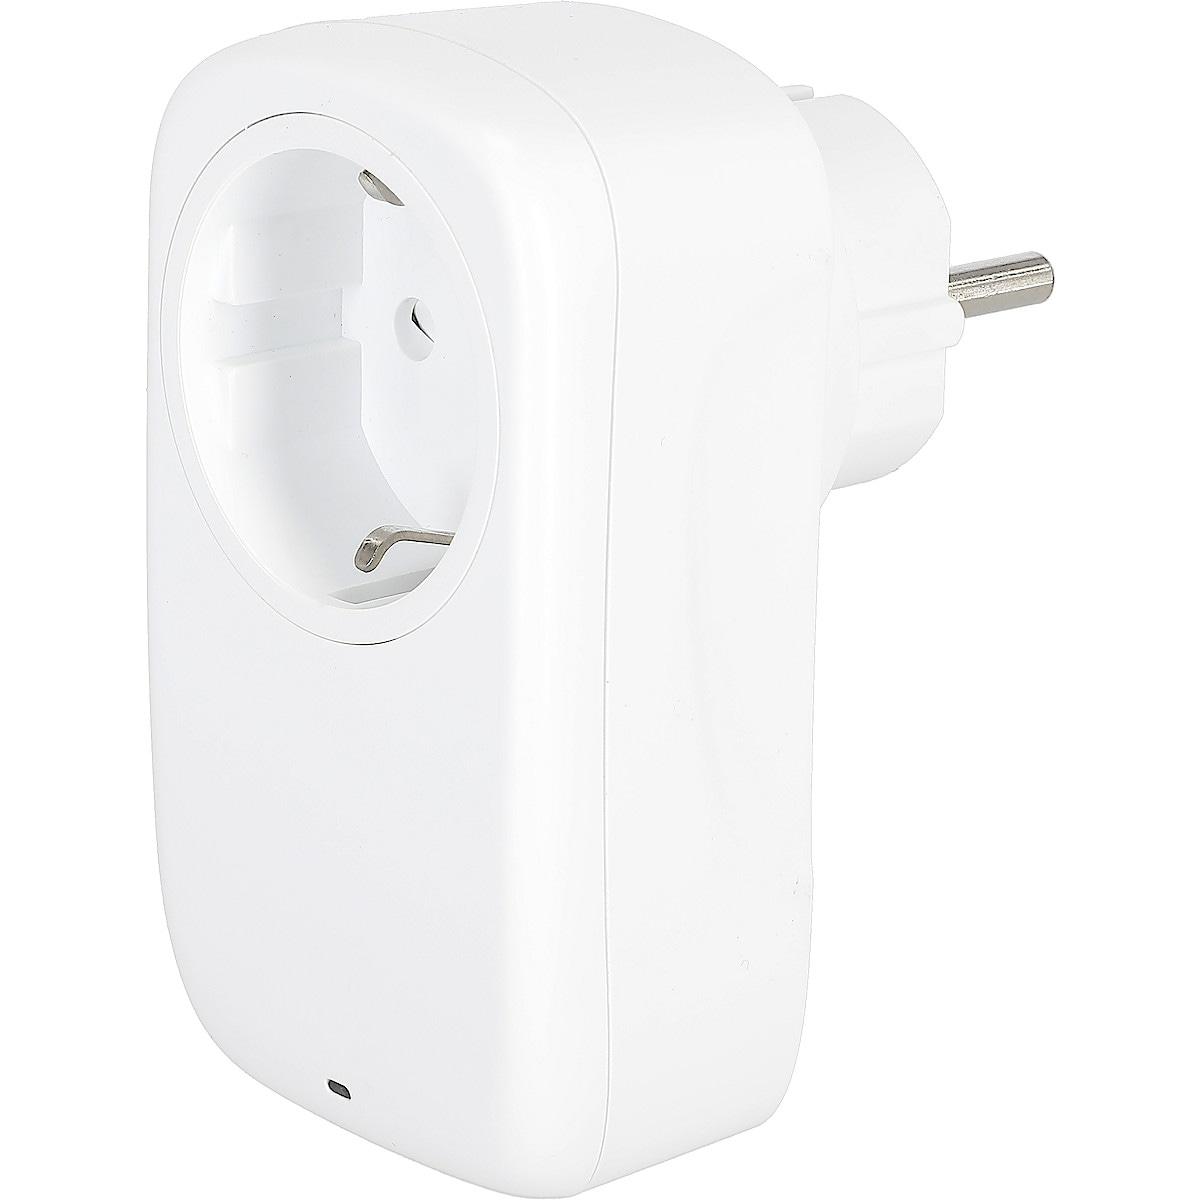 WiFi Smart Plug Clas Ohlson Home